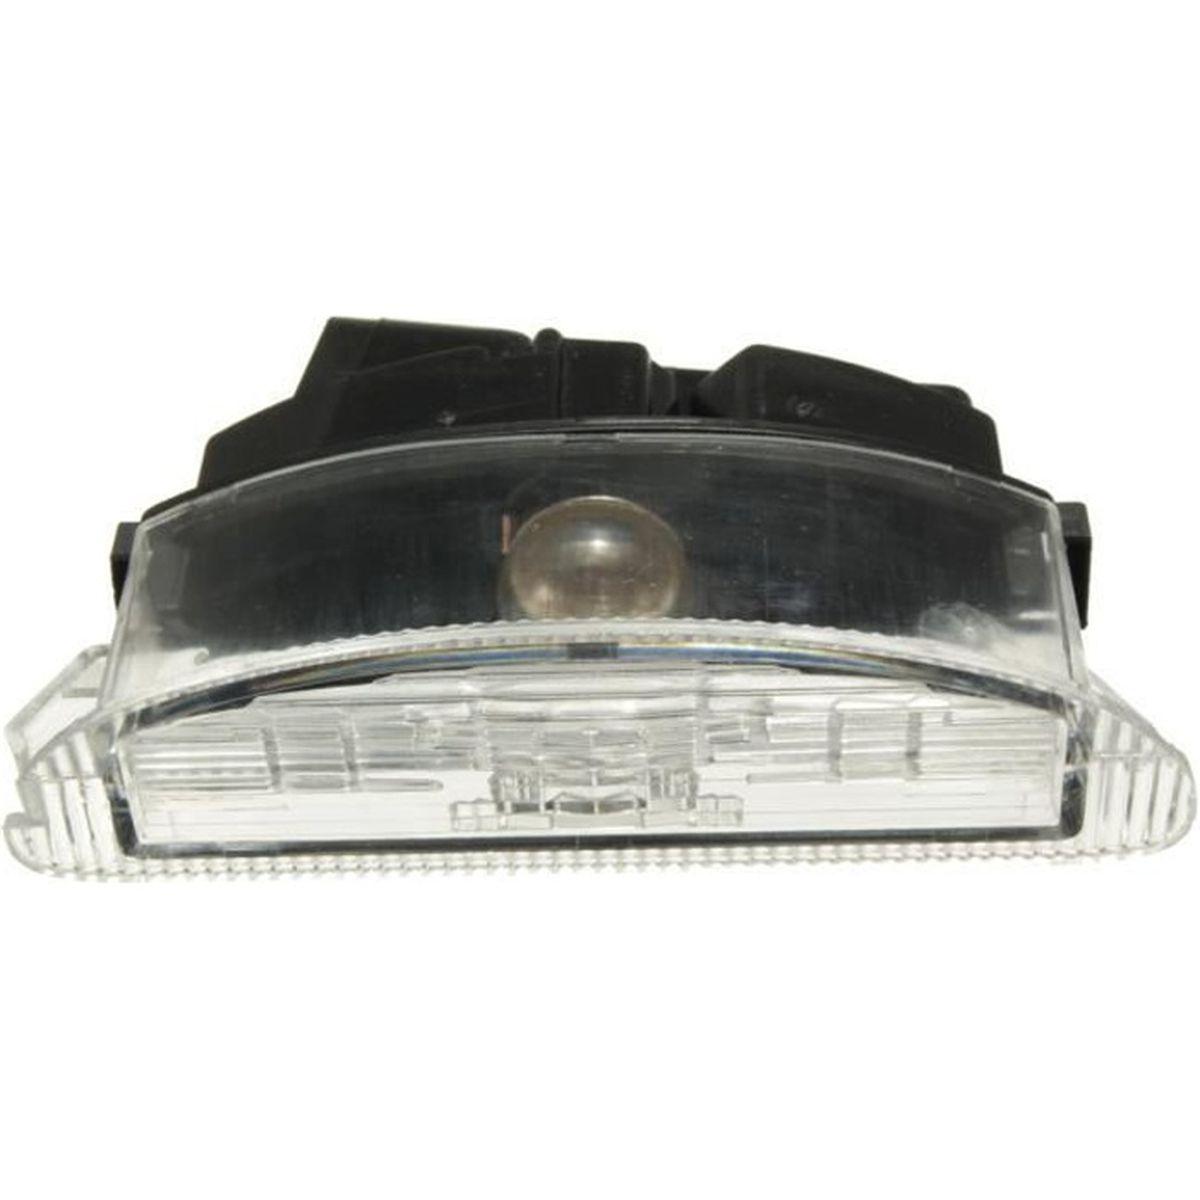 Utilisé avec ampoules Renault Clio MK3 2006-2012 Interior Roof Light